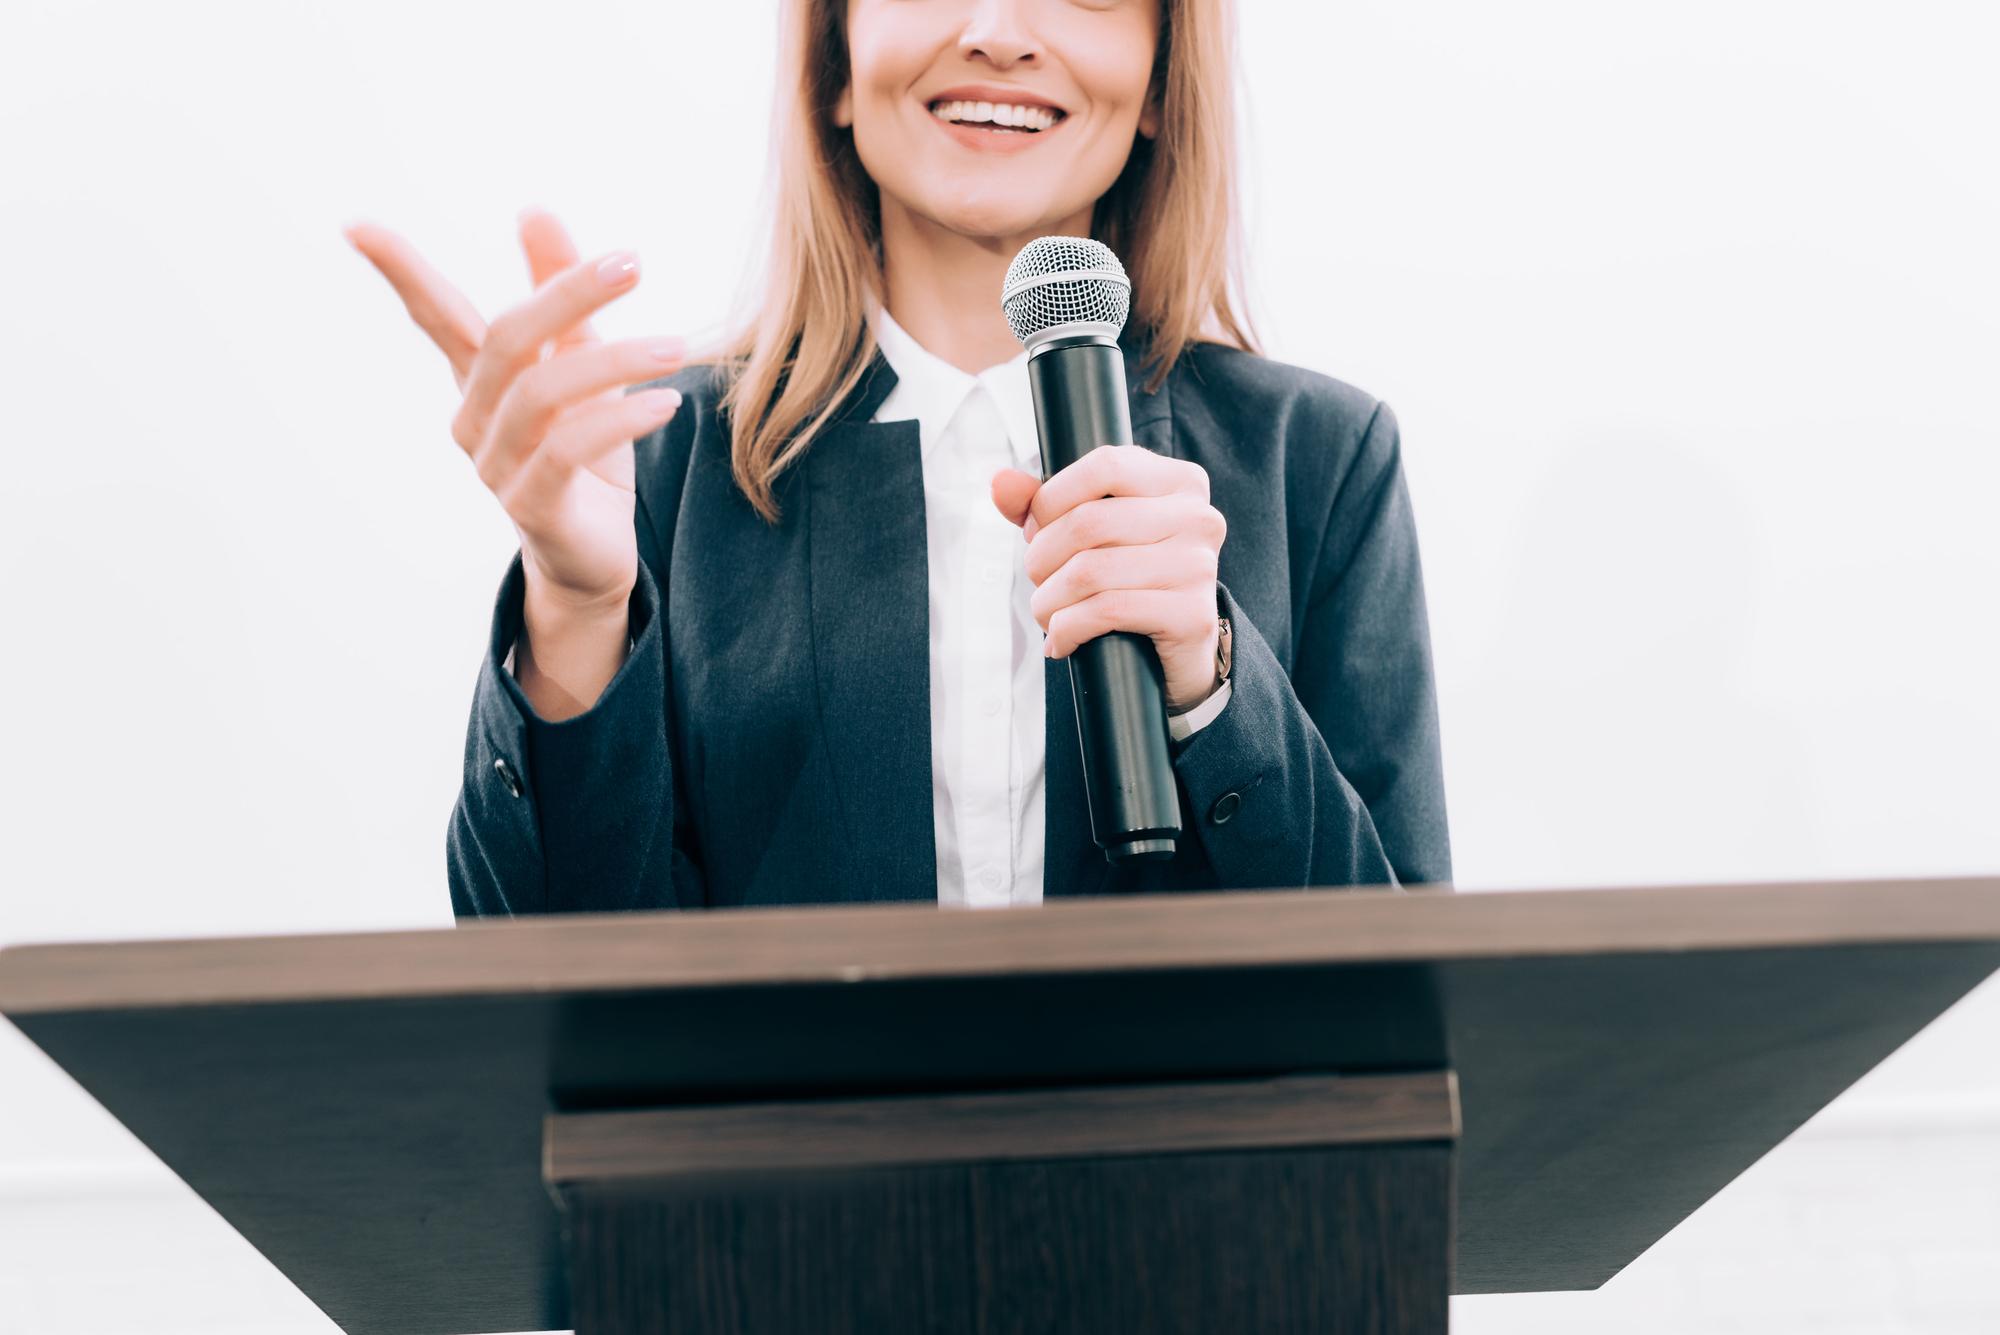 Public Speaking Skill: Trik Anti Panik Saat Bicara di Depan Publik